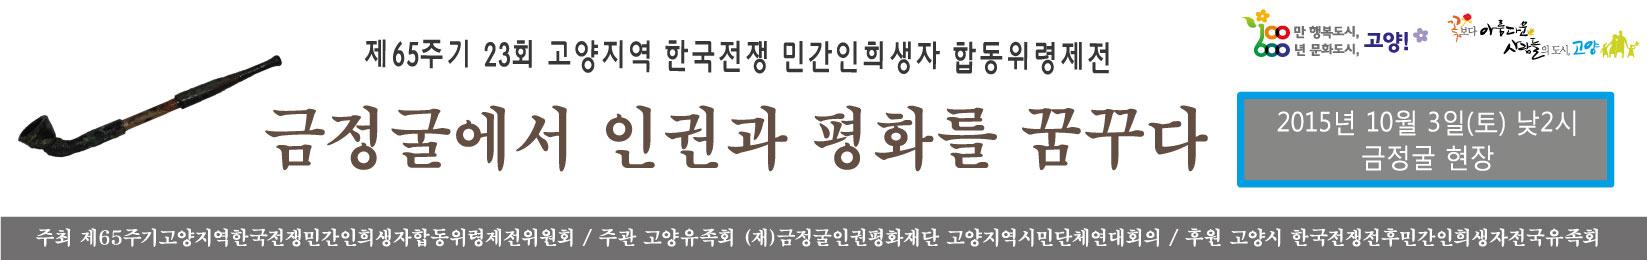 2015_위령제현수막_최종.jpg